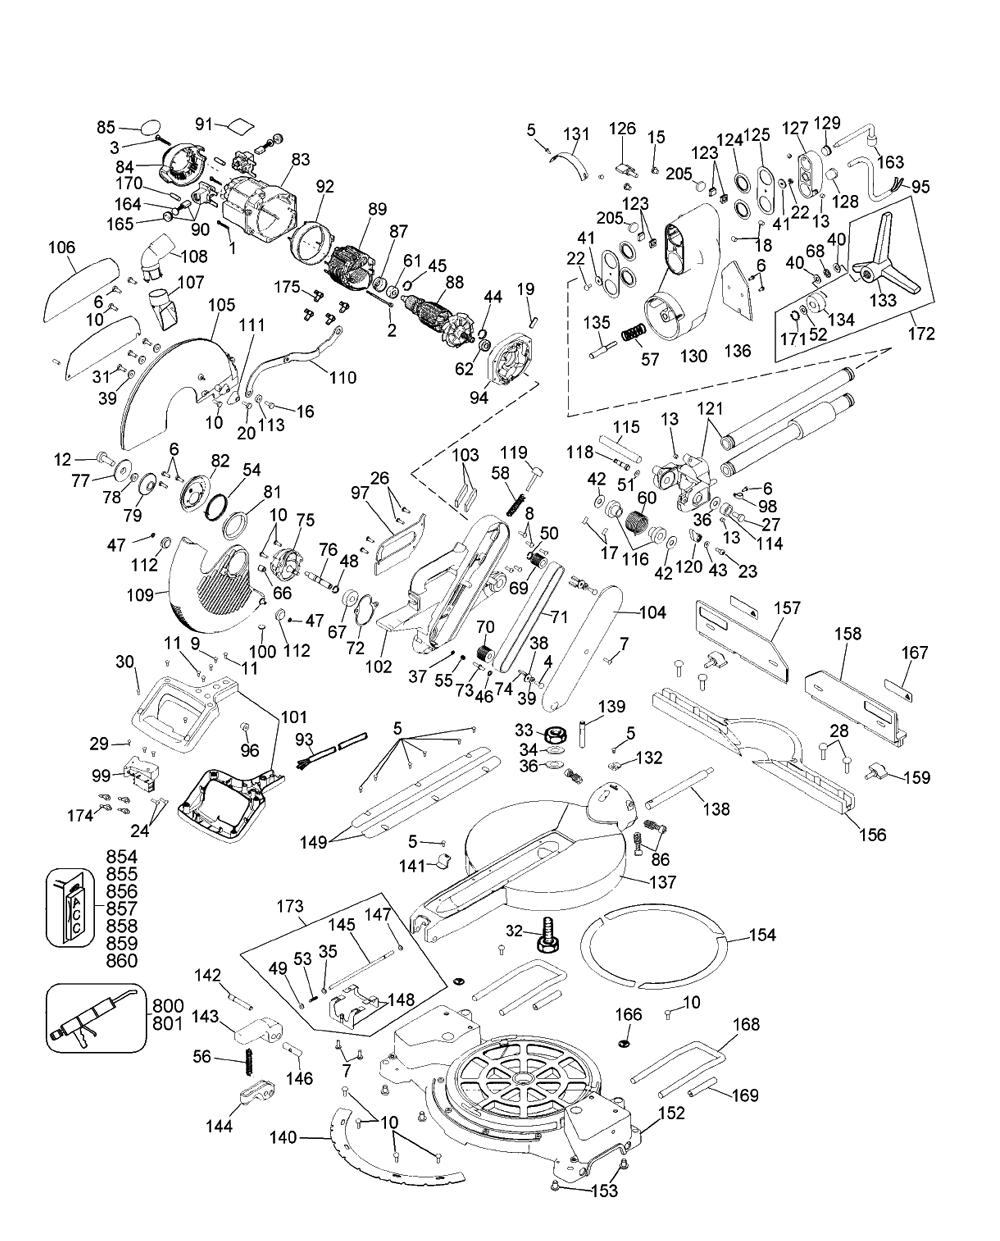 dewalt dw708 parts list and diagram dw305 de walt cordless